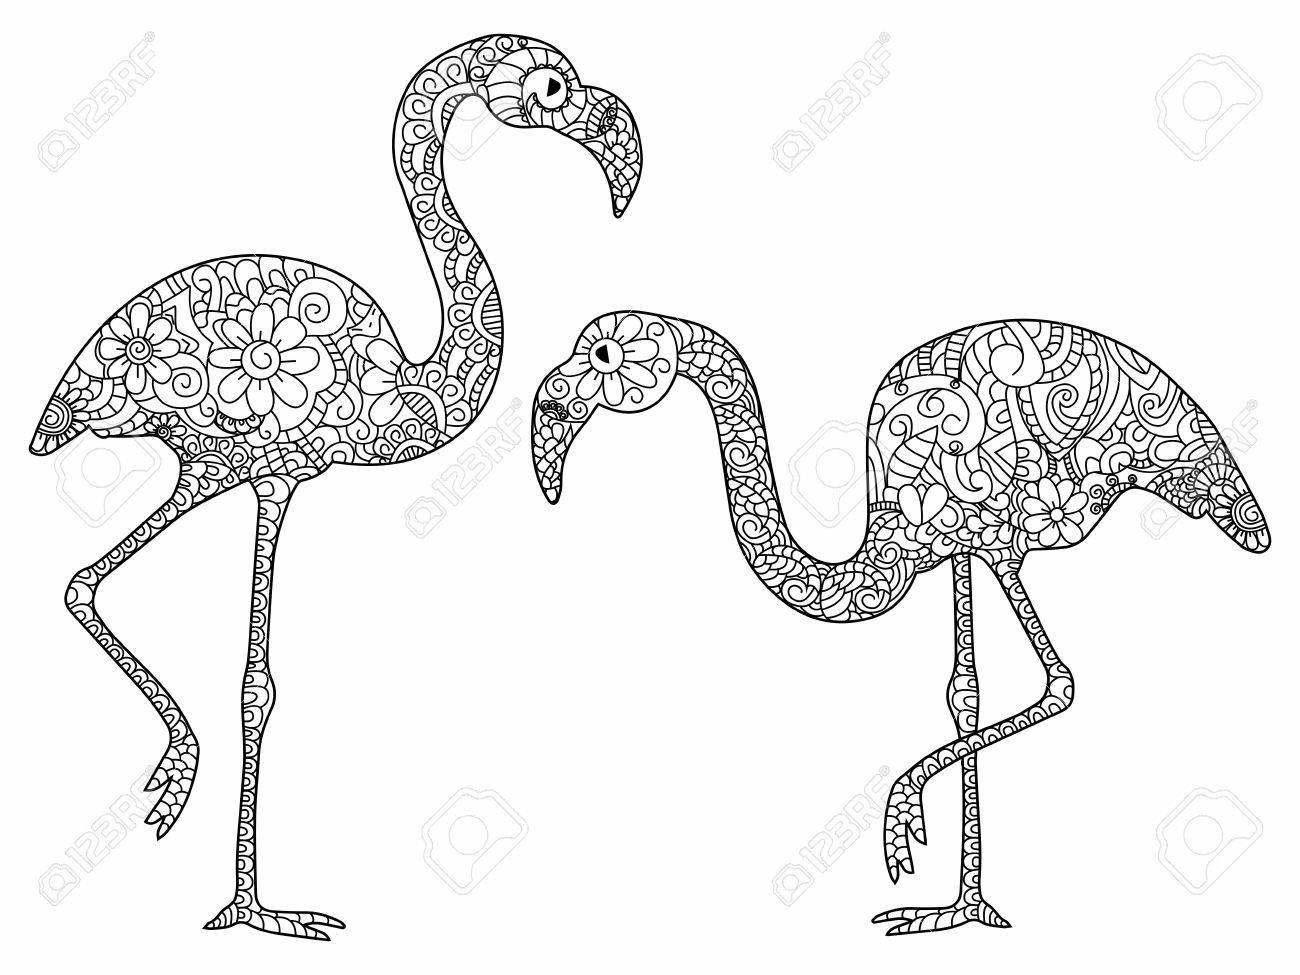 Dos Flamencos Libro Para Adultos Ilustración. Antiestrés Para ...